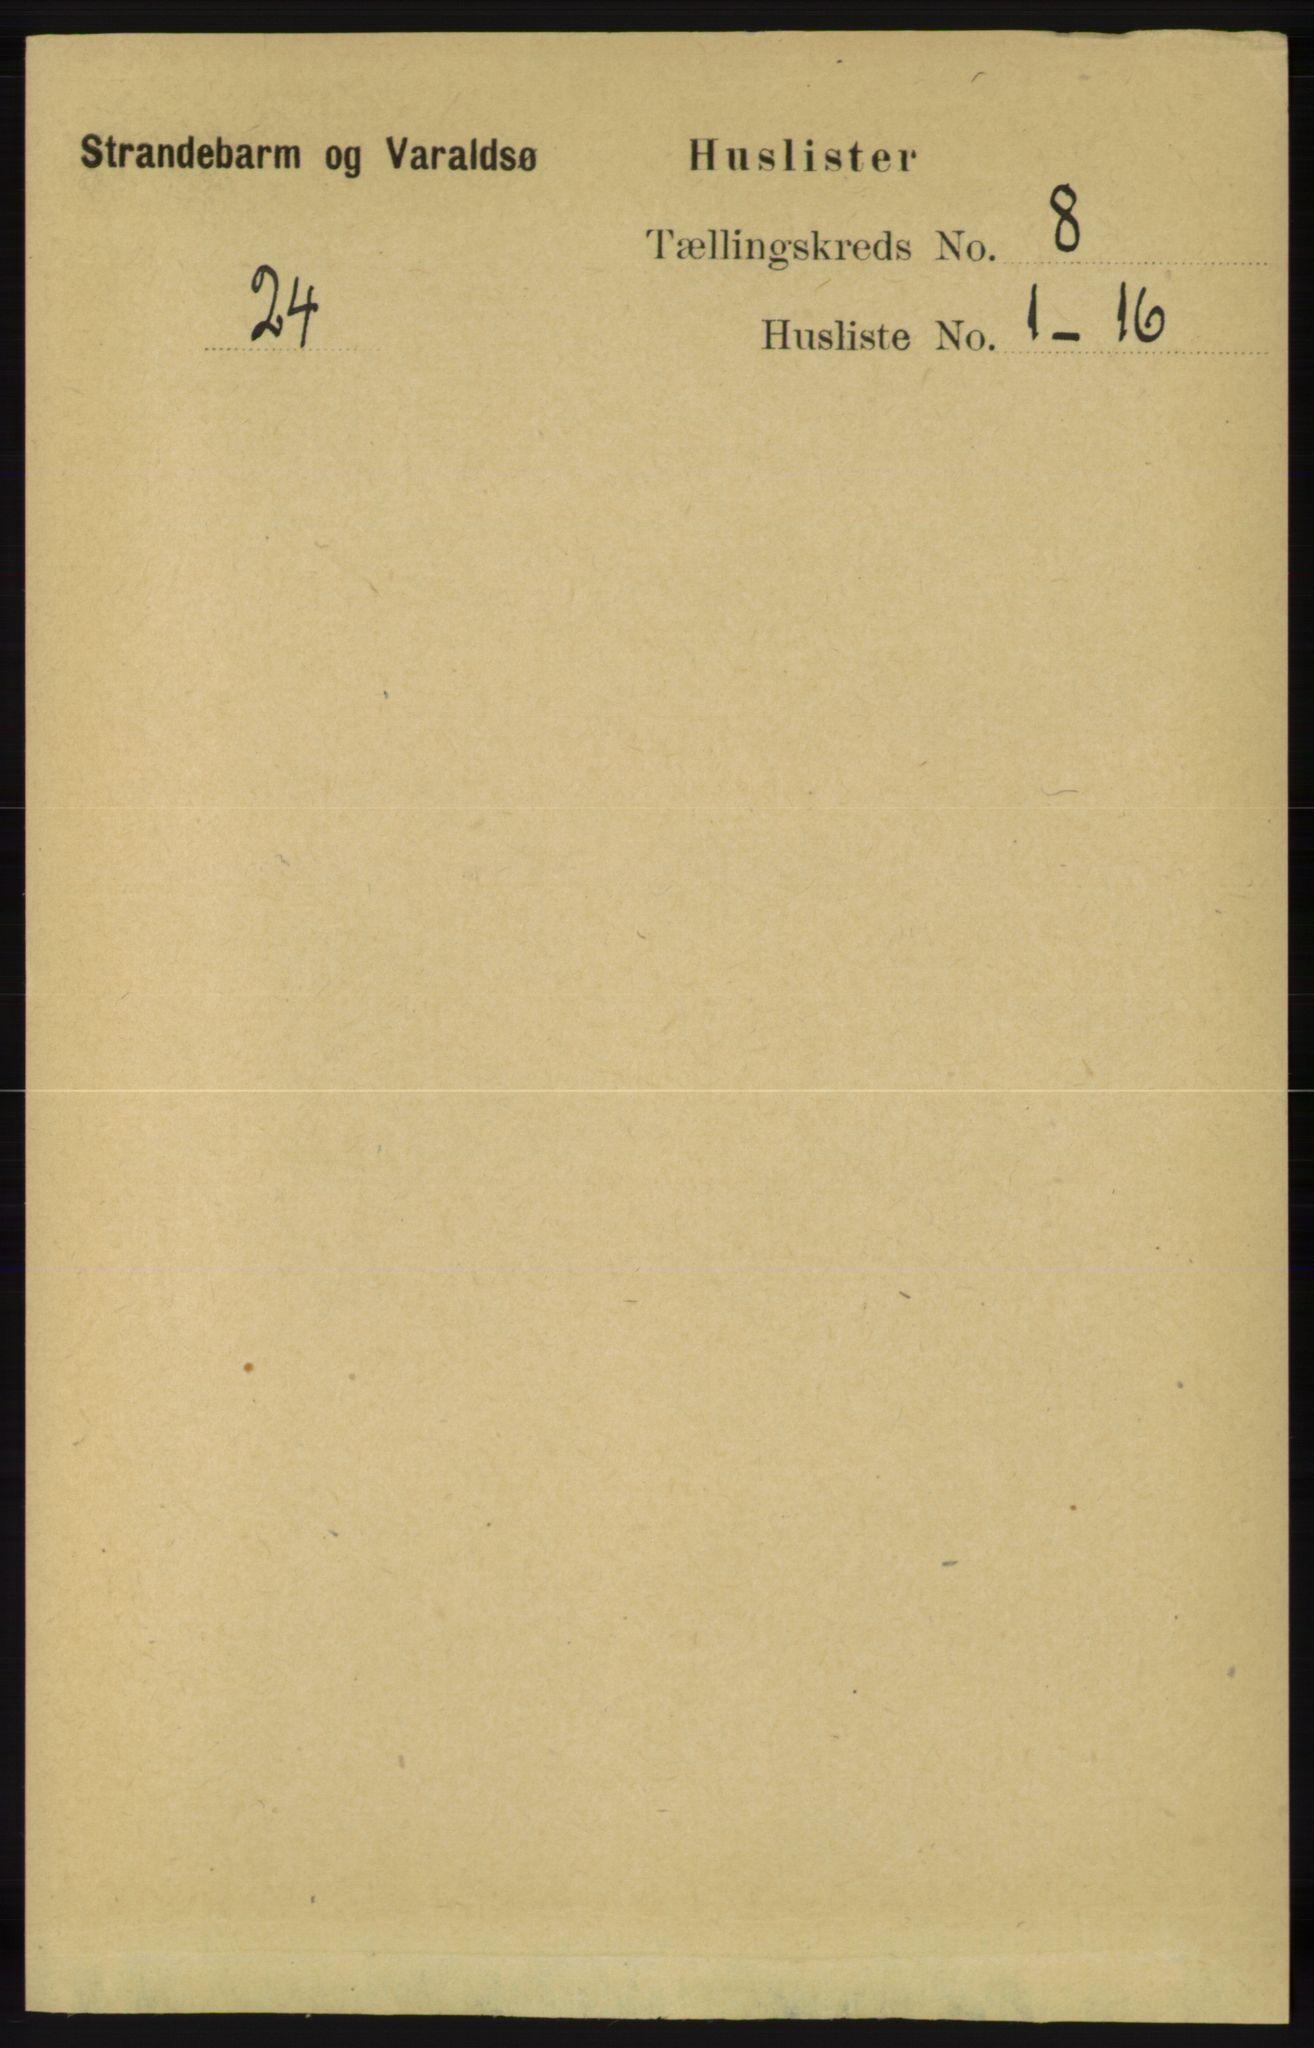 RA, Folketelling 1891 for 1226 Strandebarm og Varaldsøy herred, 1891, s. 2933